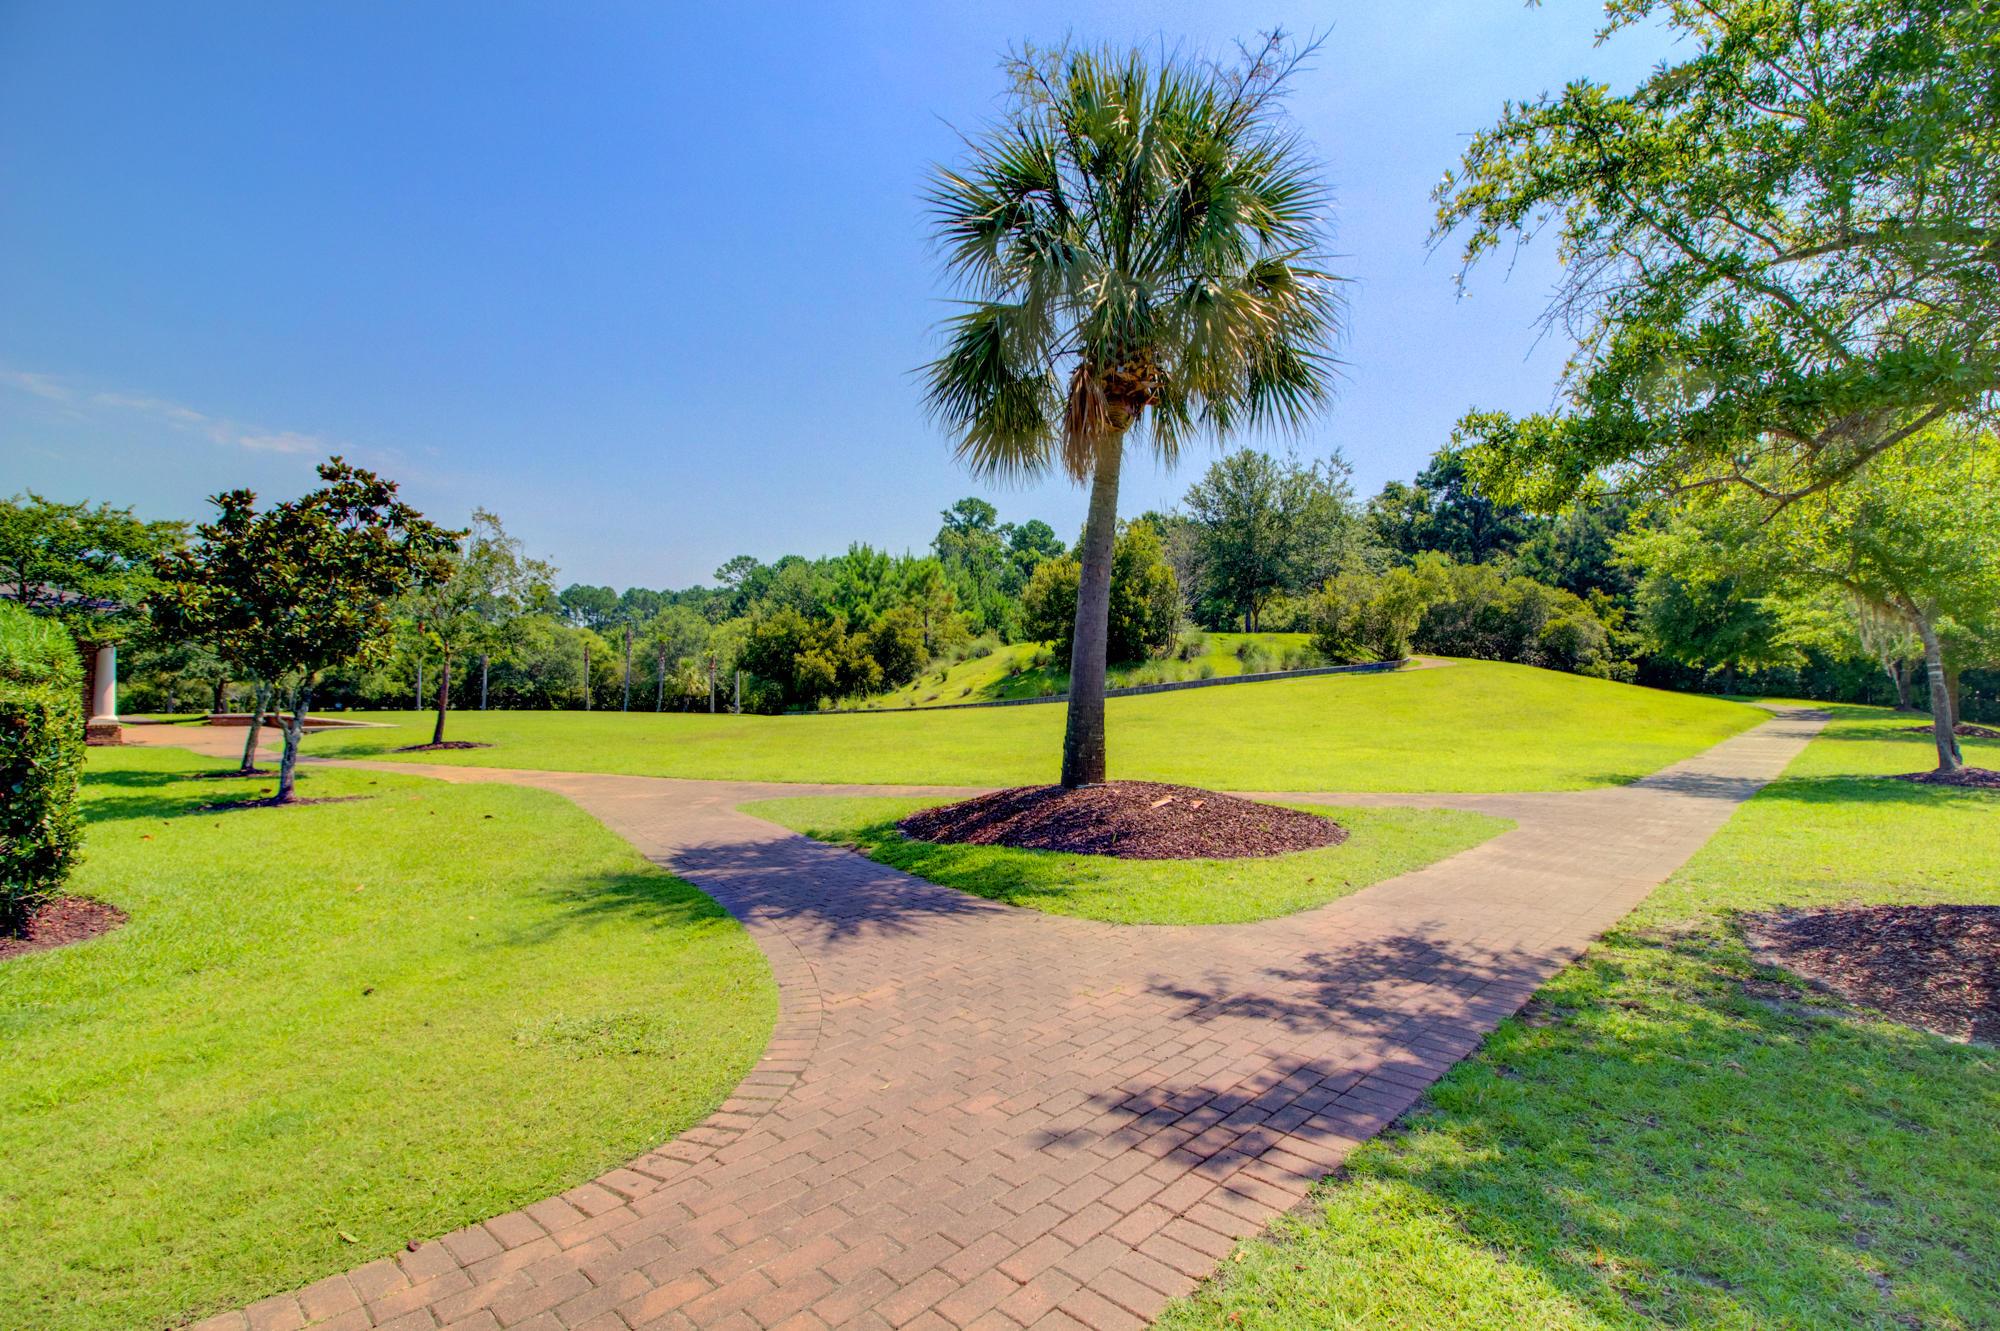 Park West Homes For Sale - 1497 Endicot, Mount Pleasant, SC - 44